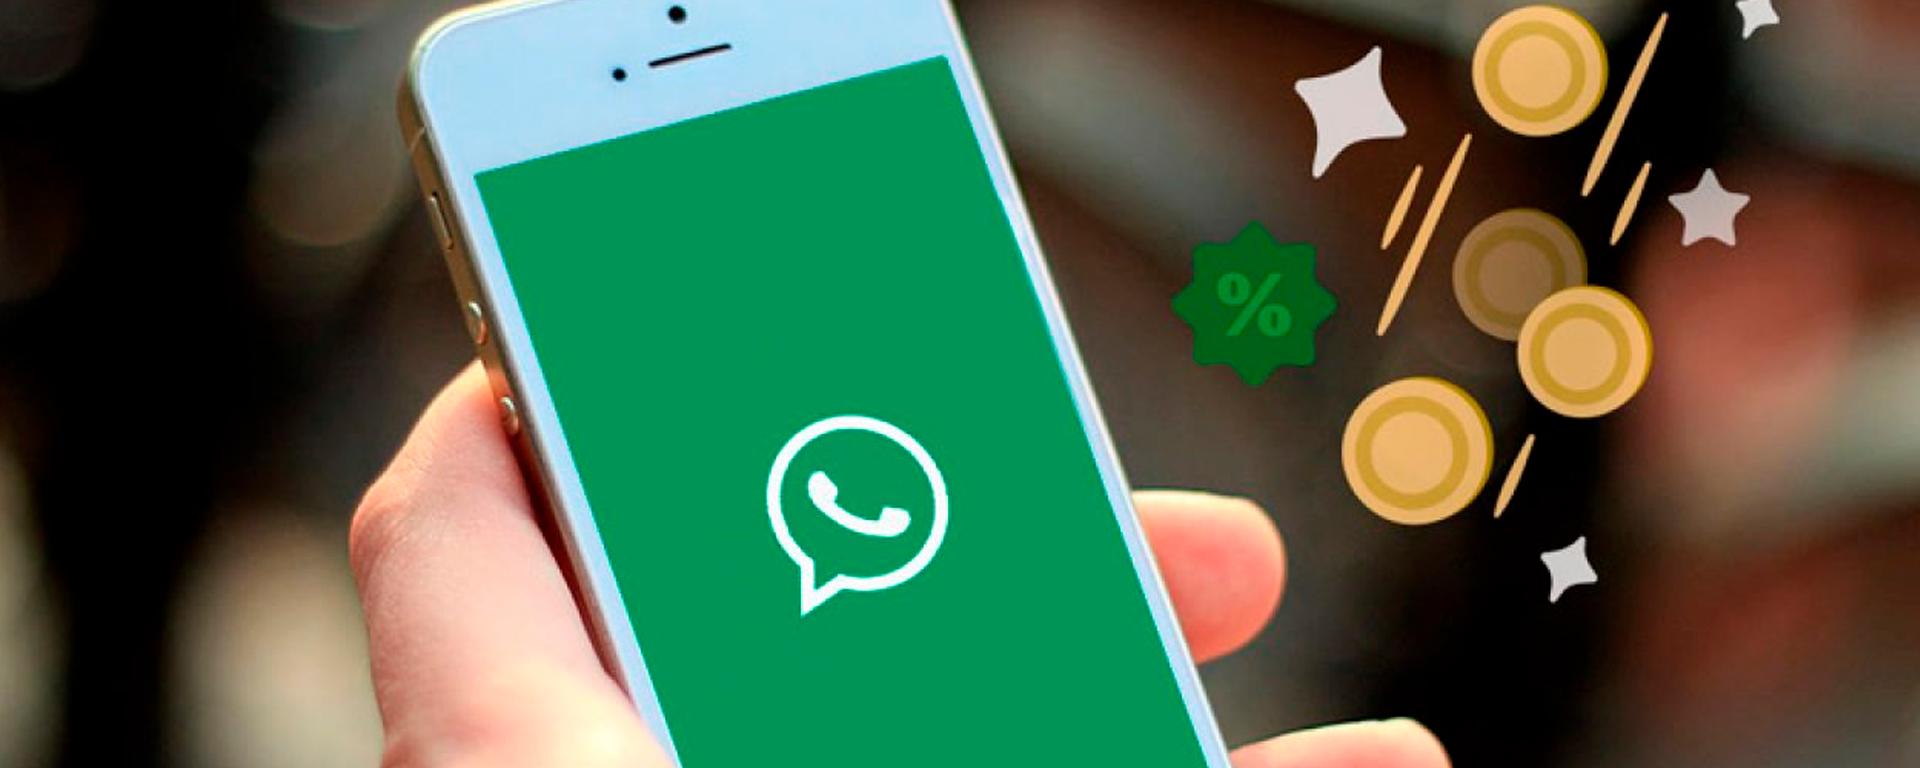 Como usar o WhatsApp como uma ferramenta de venda?